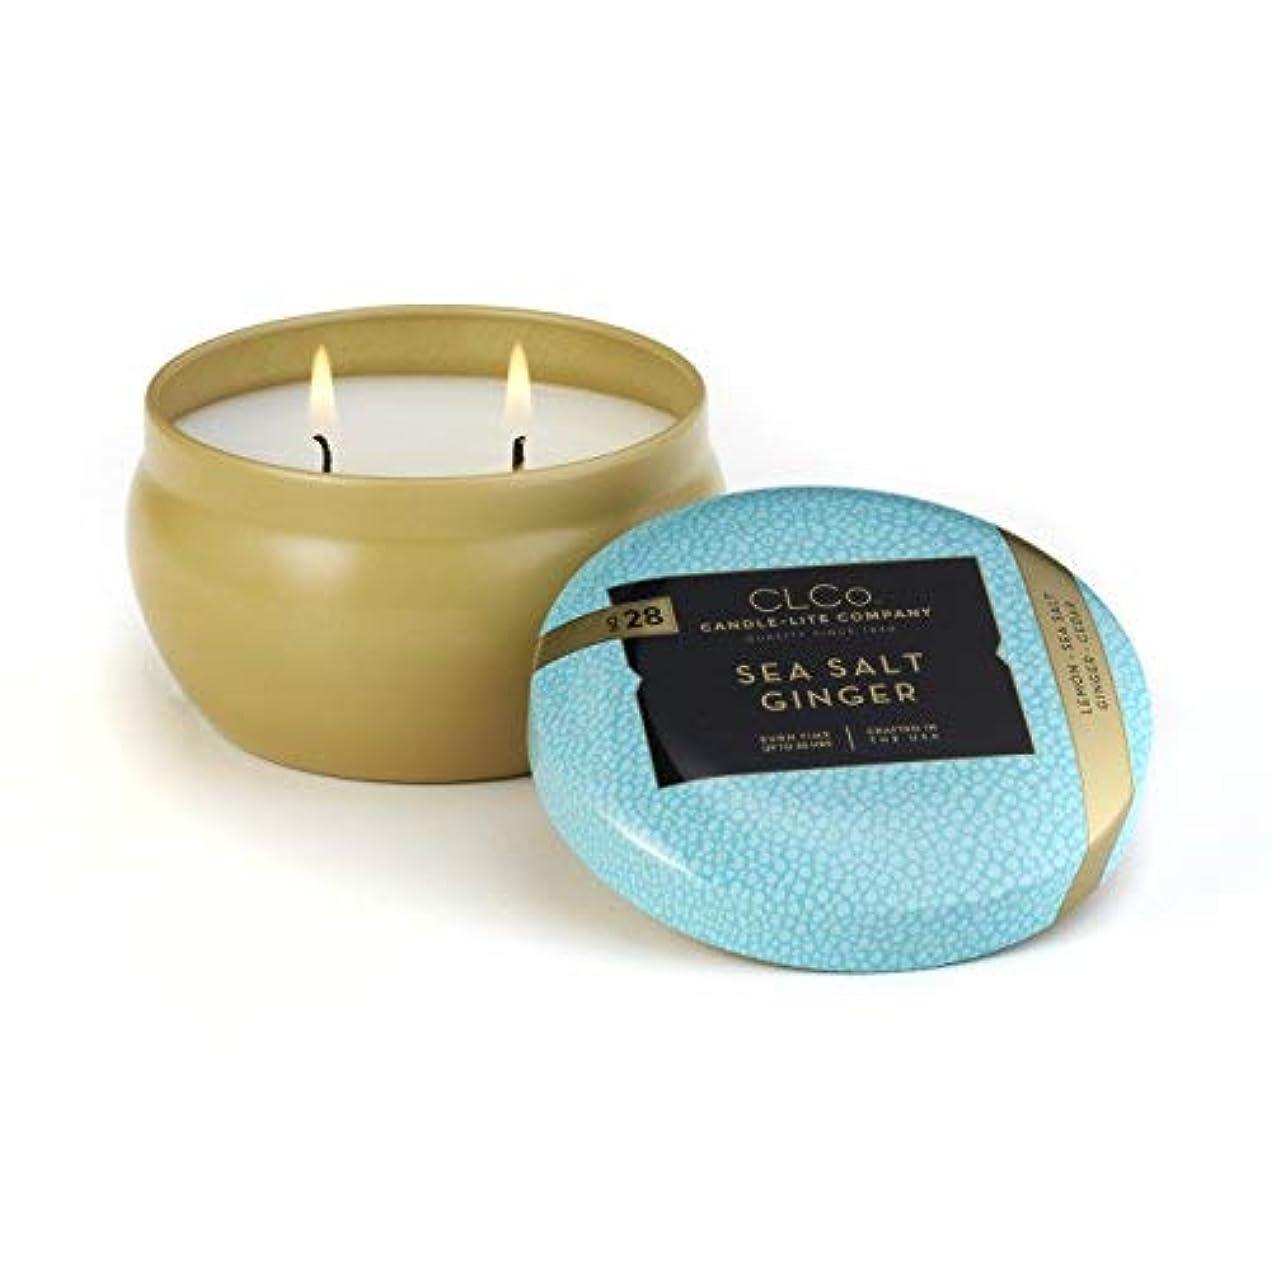 クリップフェローシップ許可CLCo. by Candle-Lite Company Scented Sea Salt Ginger Single-Wick Jar 6.25 oz White [並行輸入品]